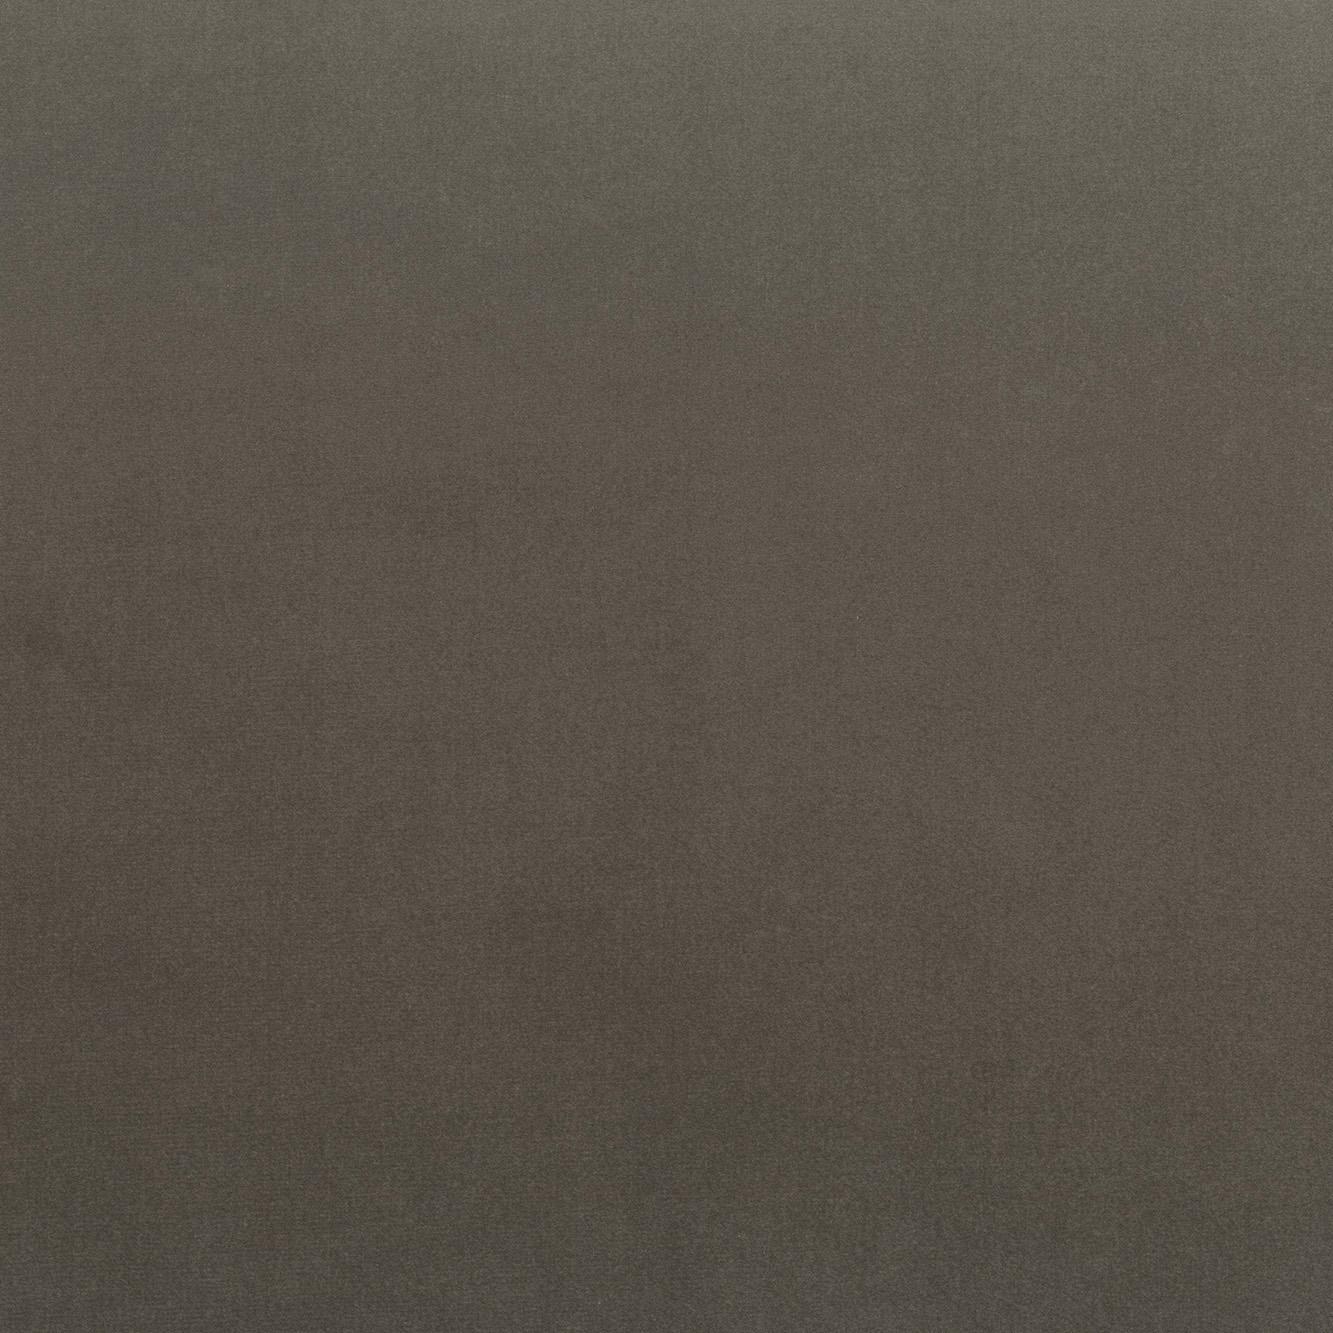 EXCL. Lario d grey